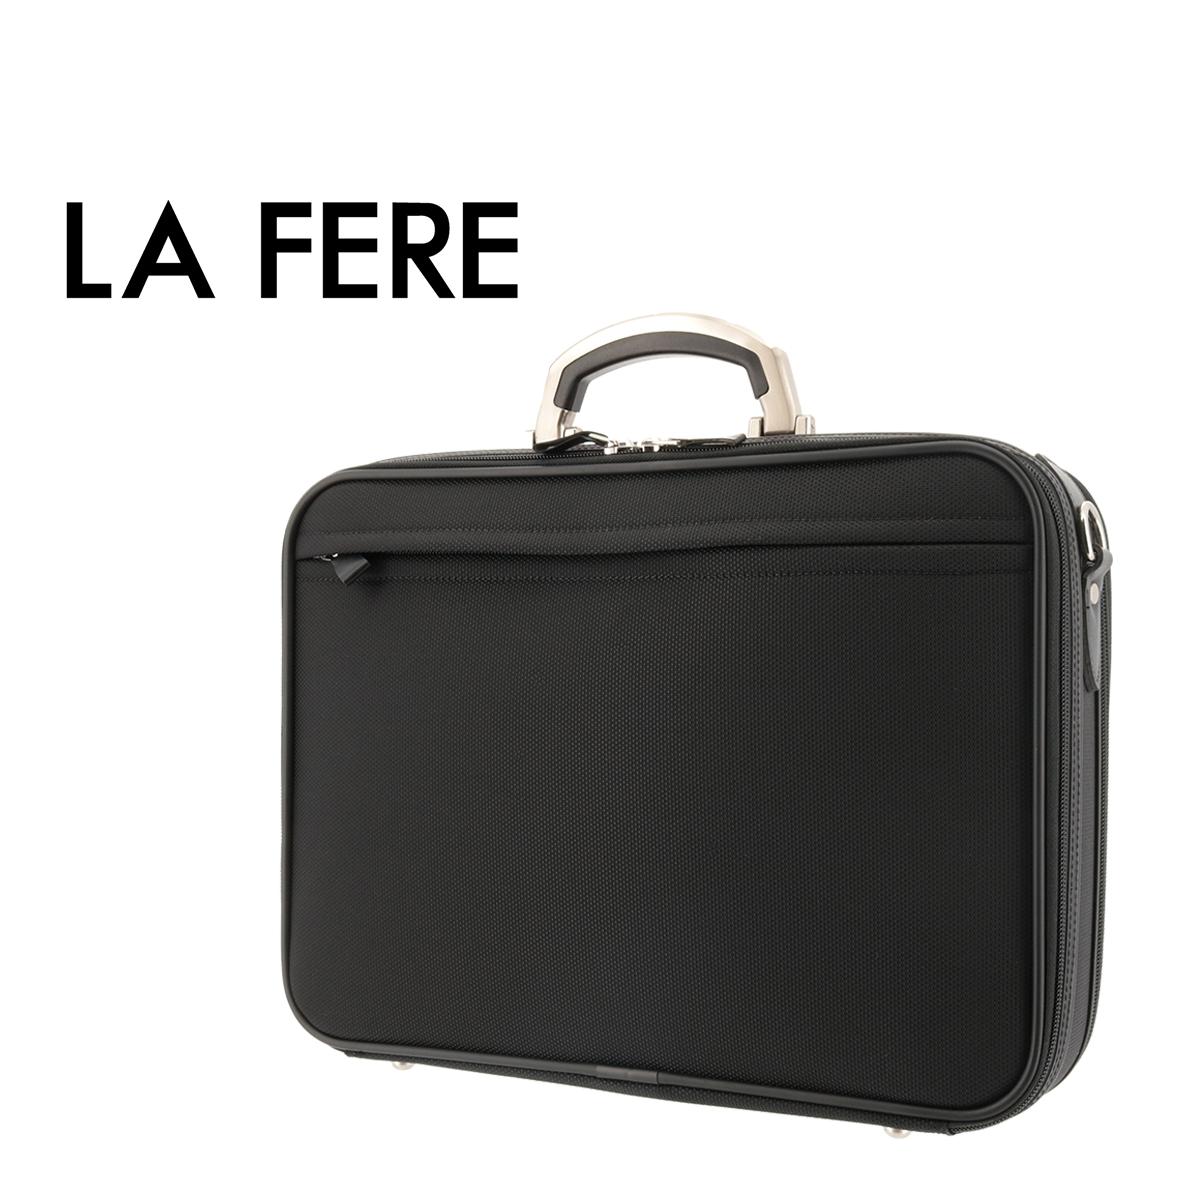 青木鞄 ラフェール ブリーフケース オプス 6771 LA FERE ビジネスバッグ ソフトアタッシュケース メンズ 日本製 中空糸ナイロン[bef]